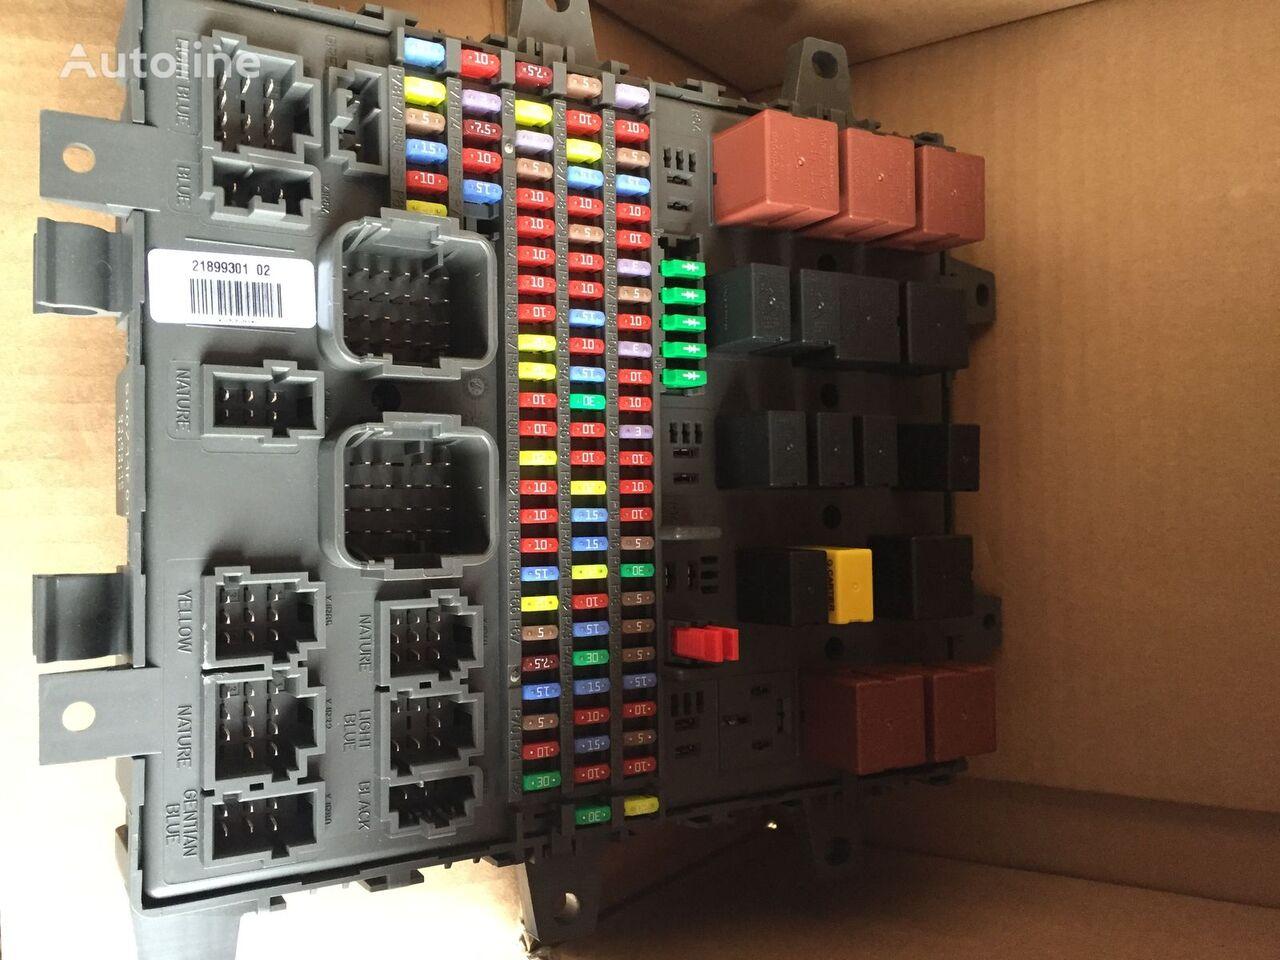 Verkauf von neue VOLVO (21899301) Sicherungskasten für VOLVO FH,FM ...